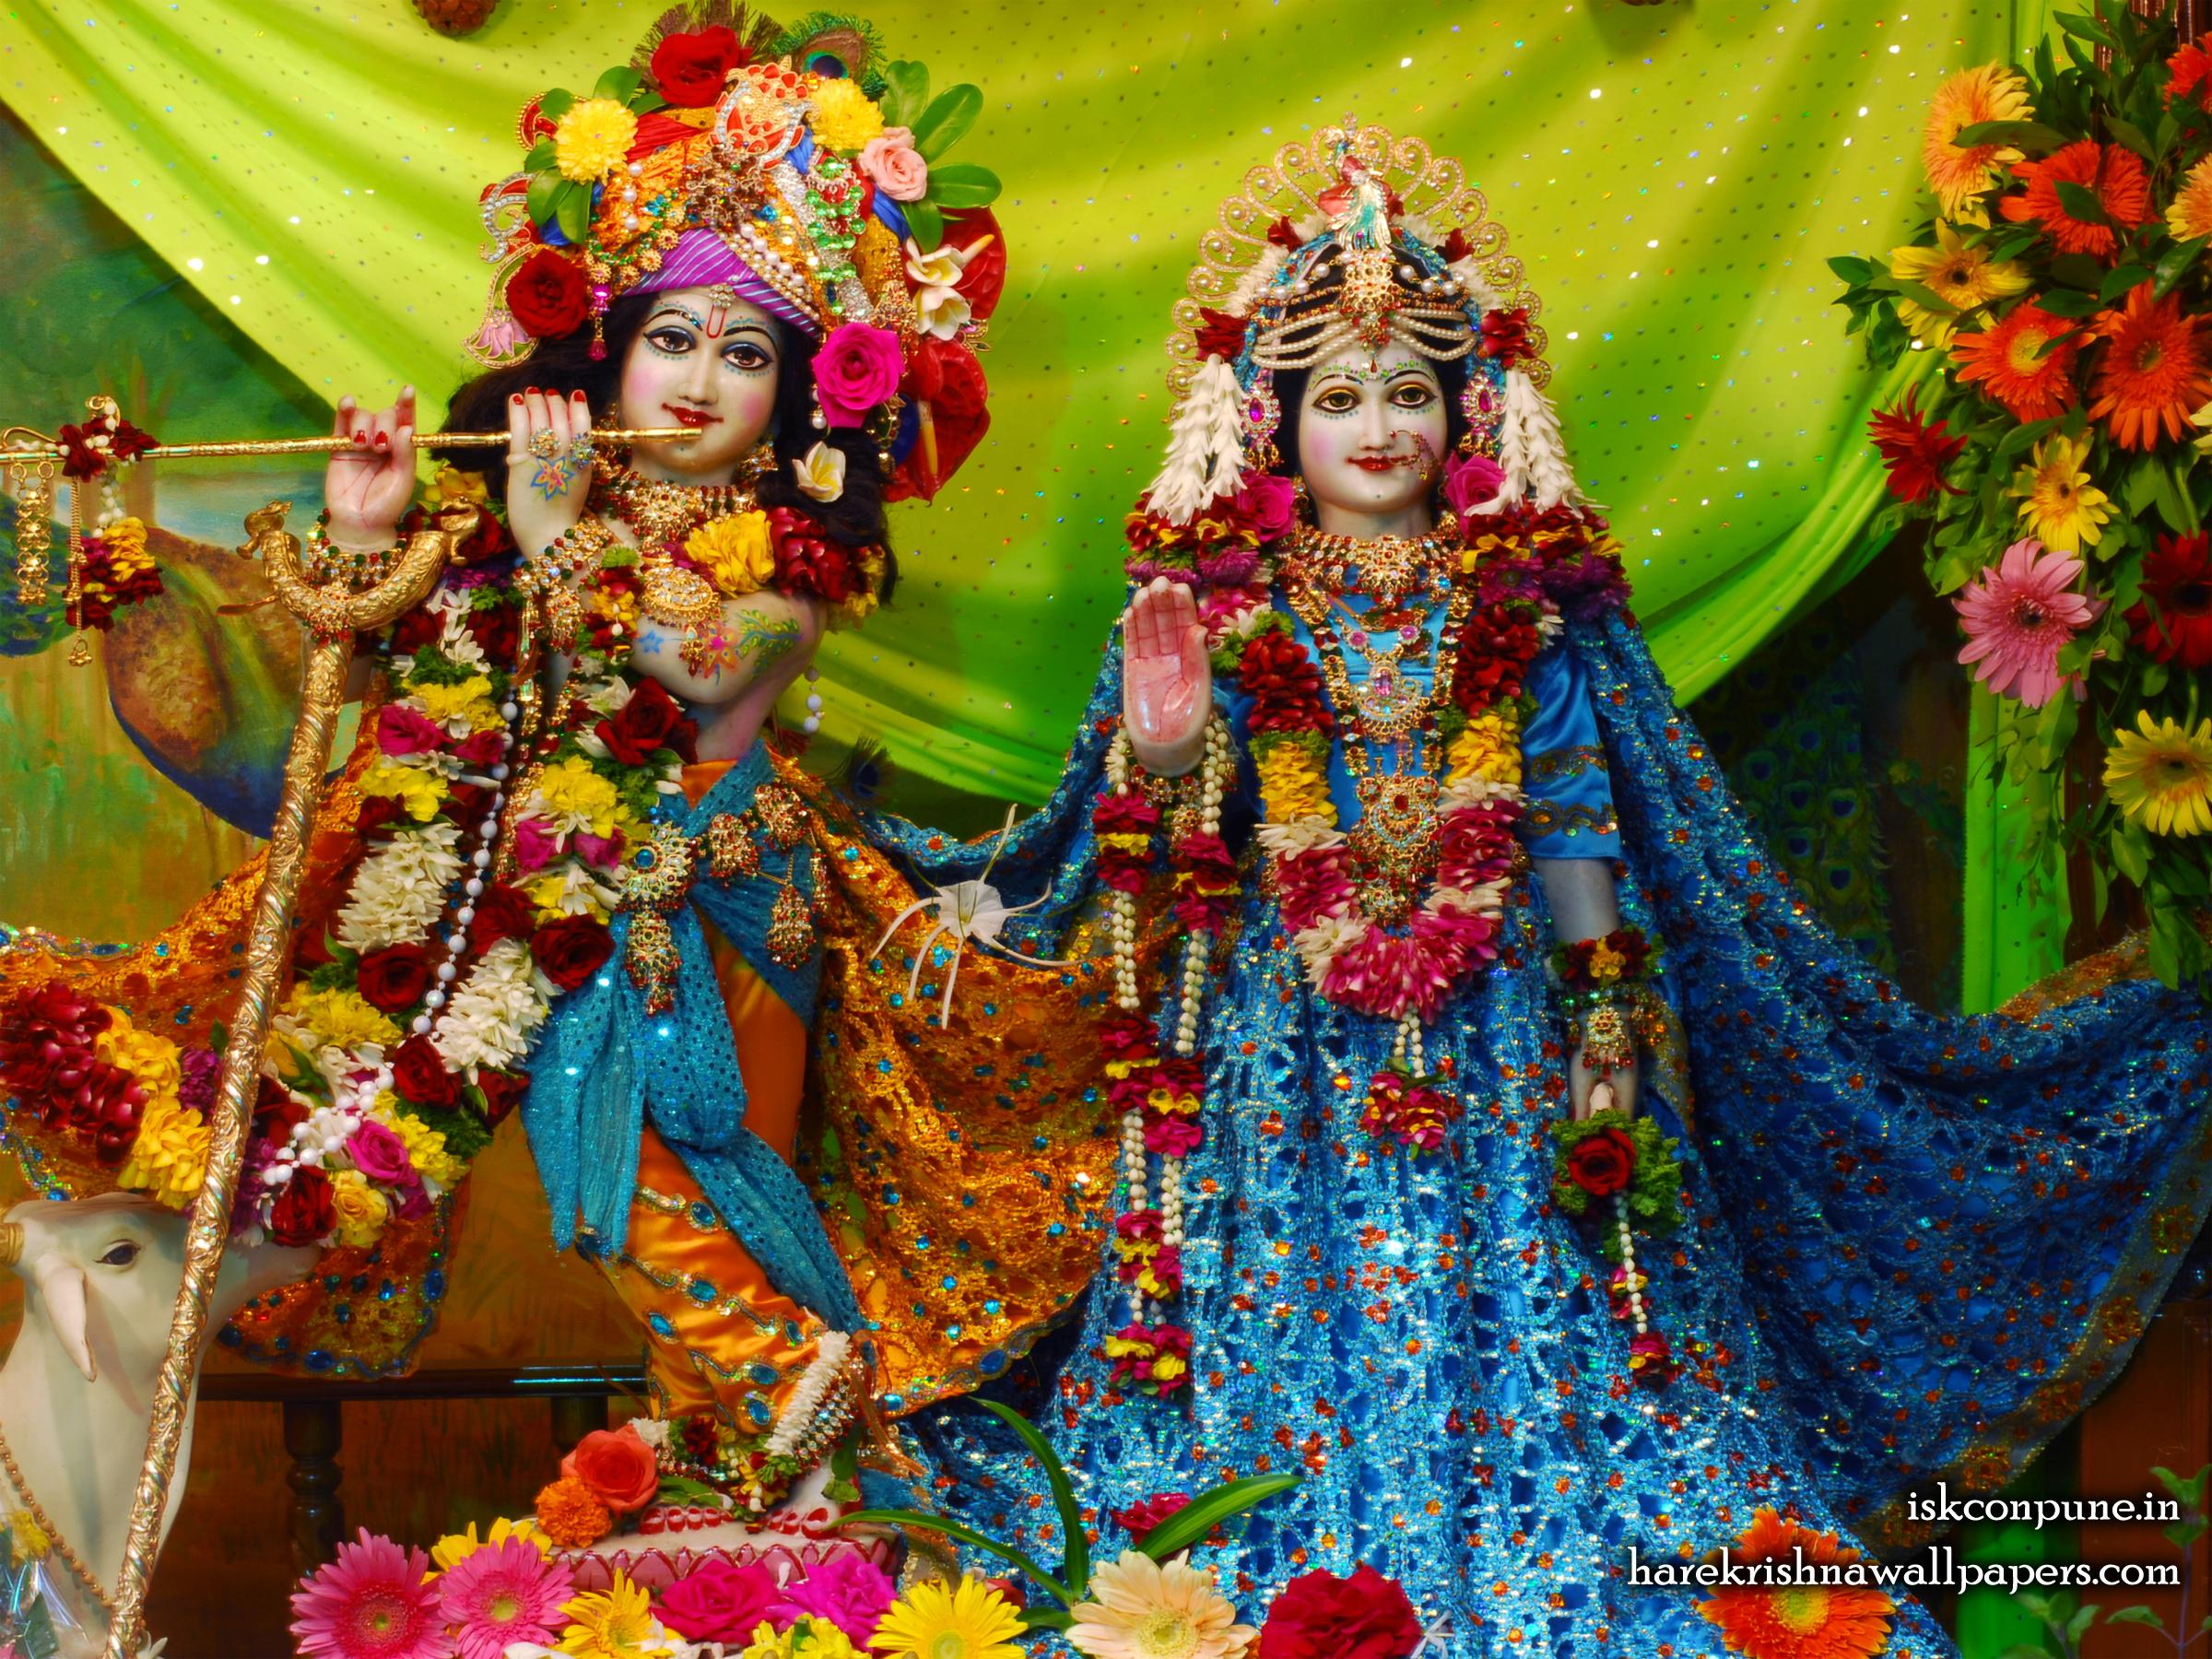 Sri Sri Radha Kunjabihari Wallpaper (006) Size 2400x1800 Download